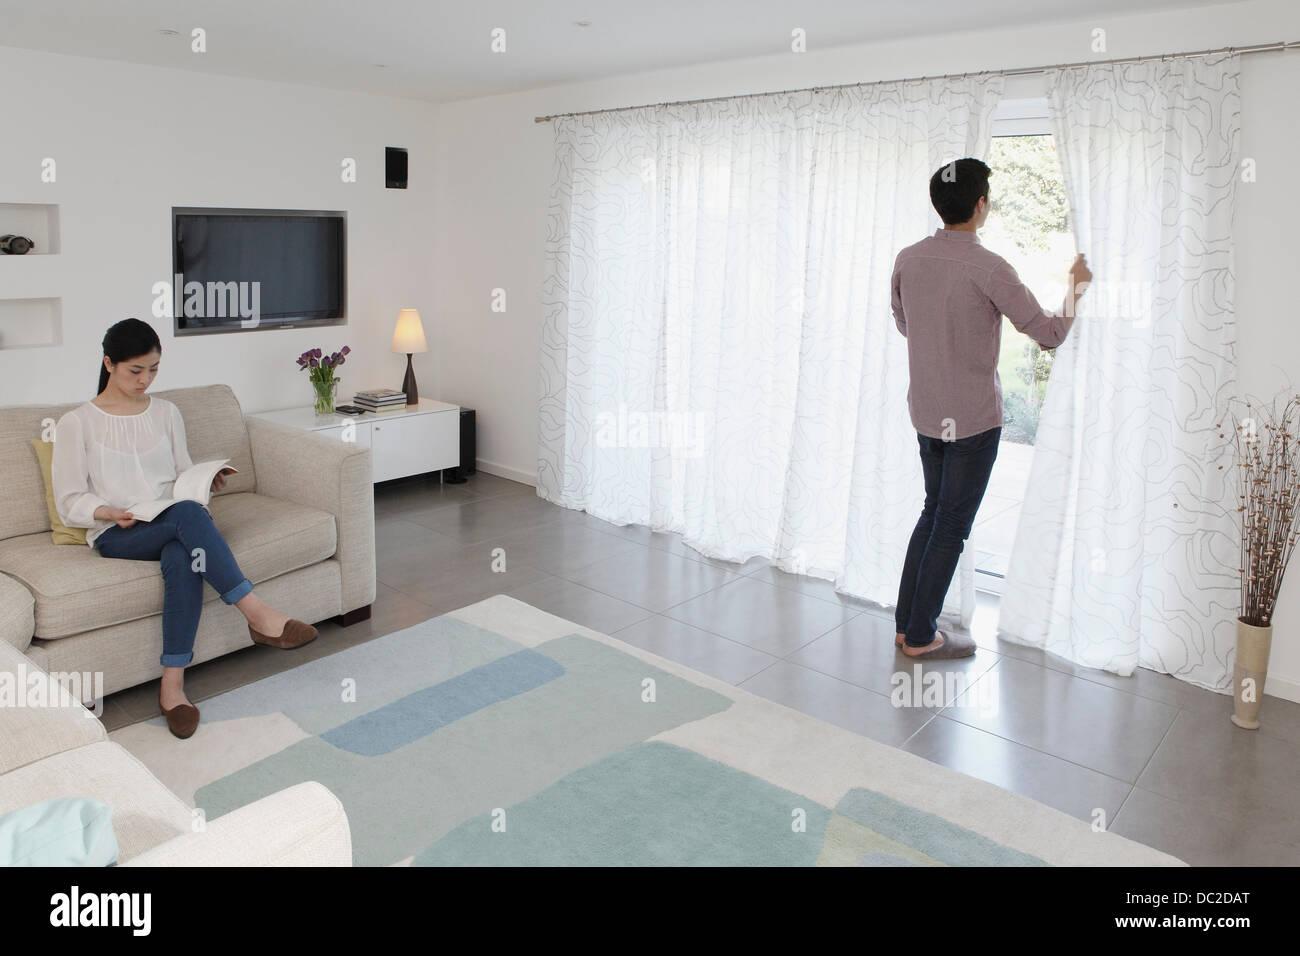 Mann und Frau im Wohnzimmer entspannen Stockbild